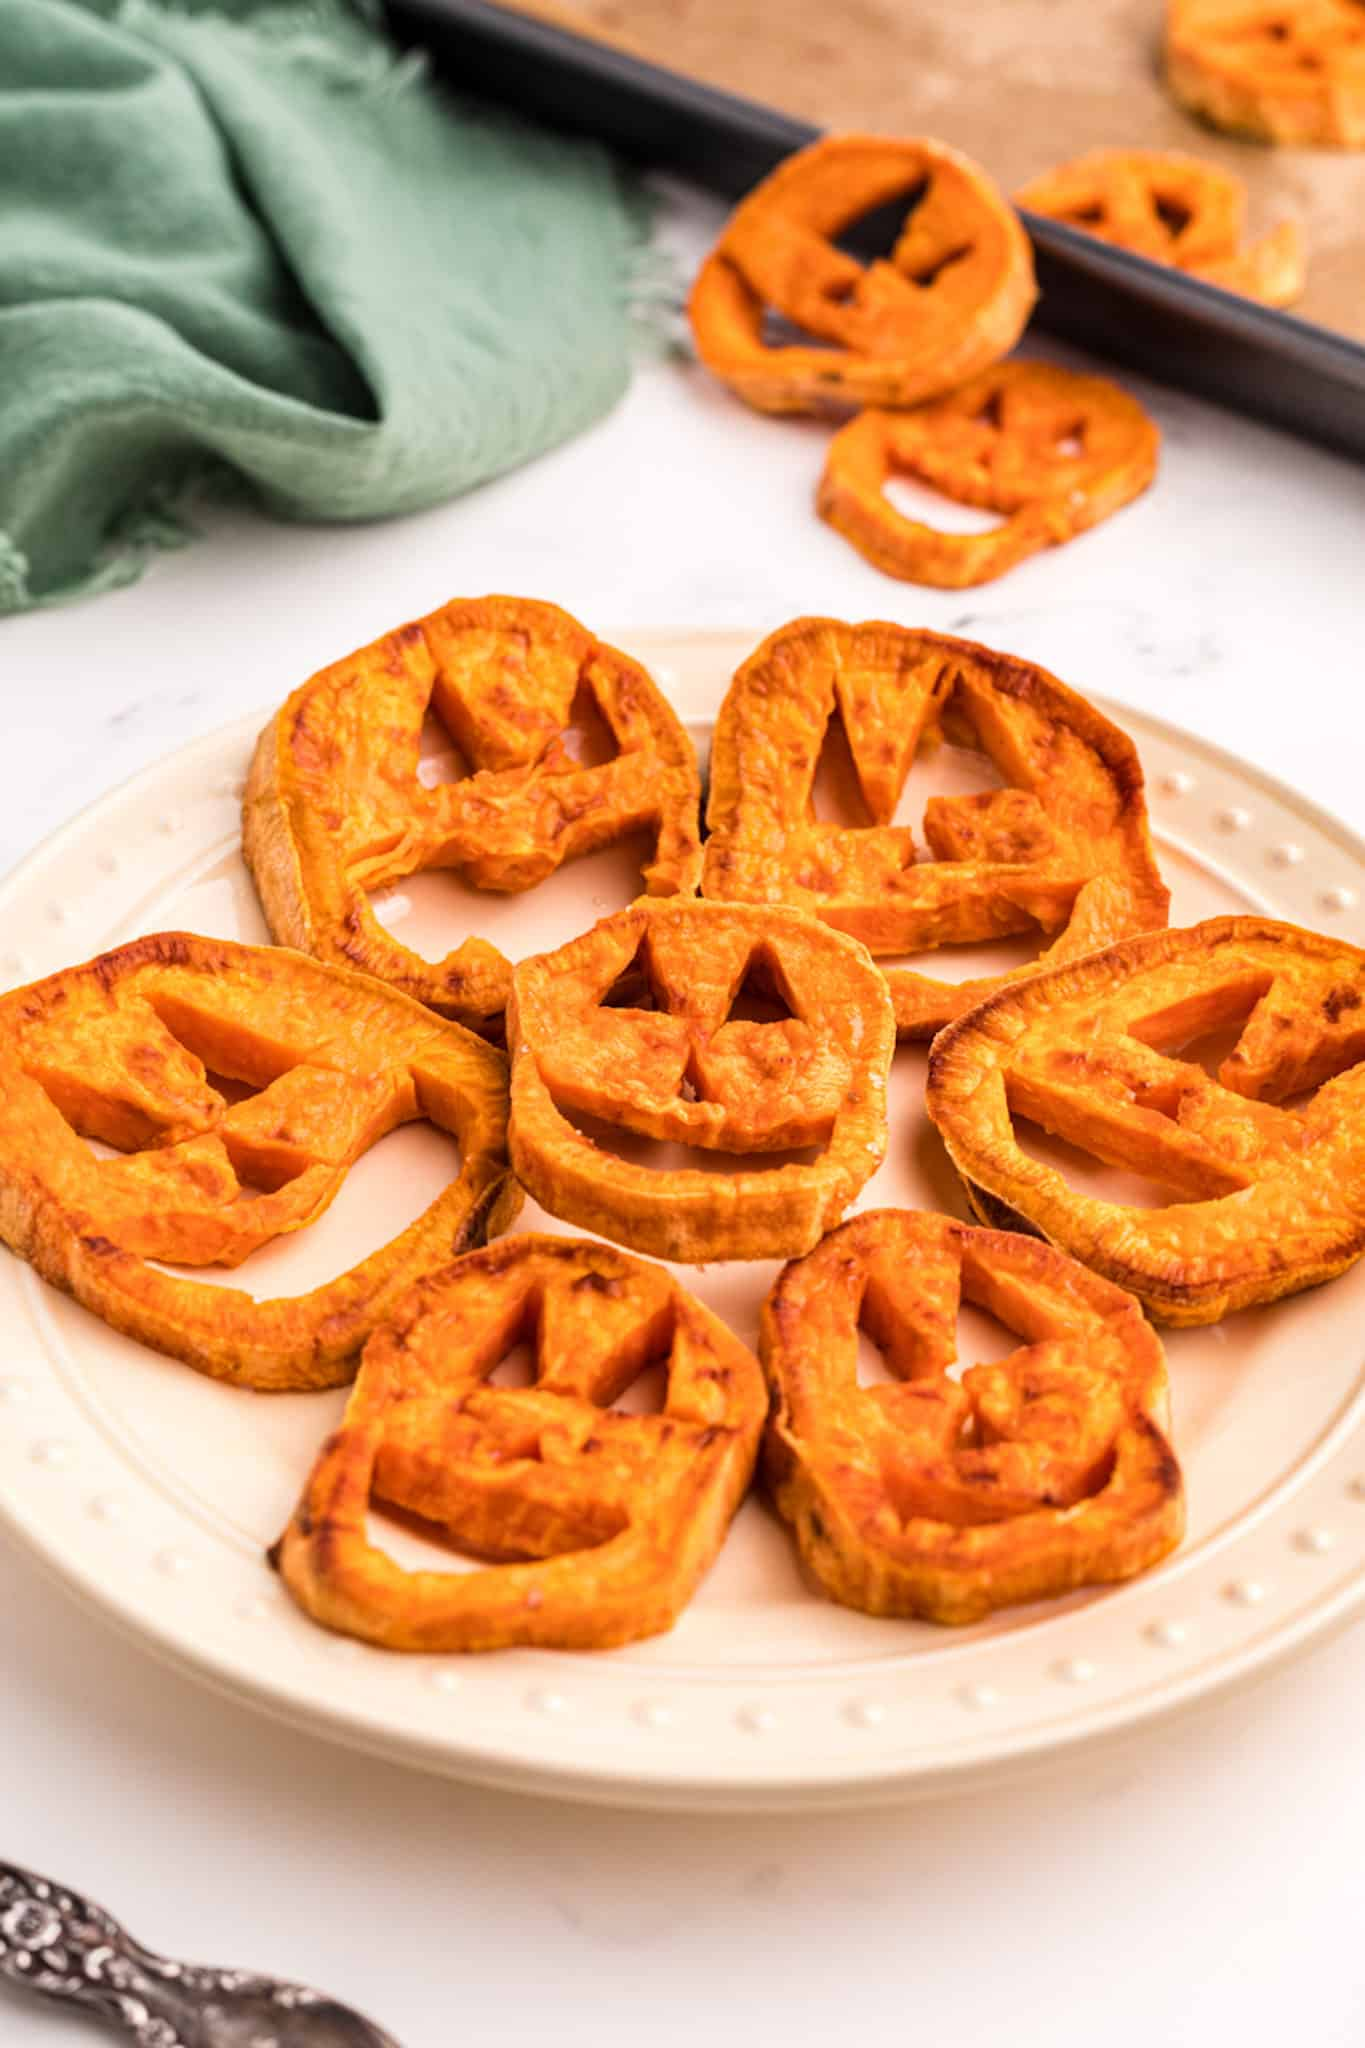 sweet potato shaped into jack o lanterns